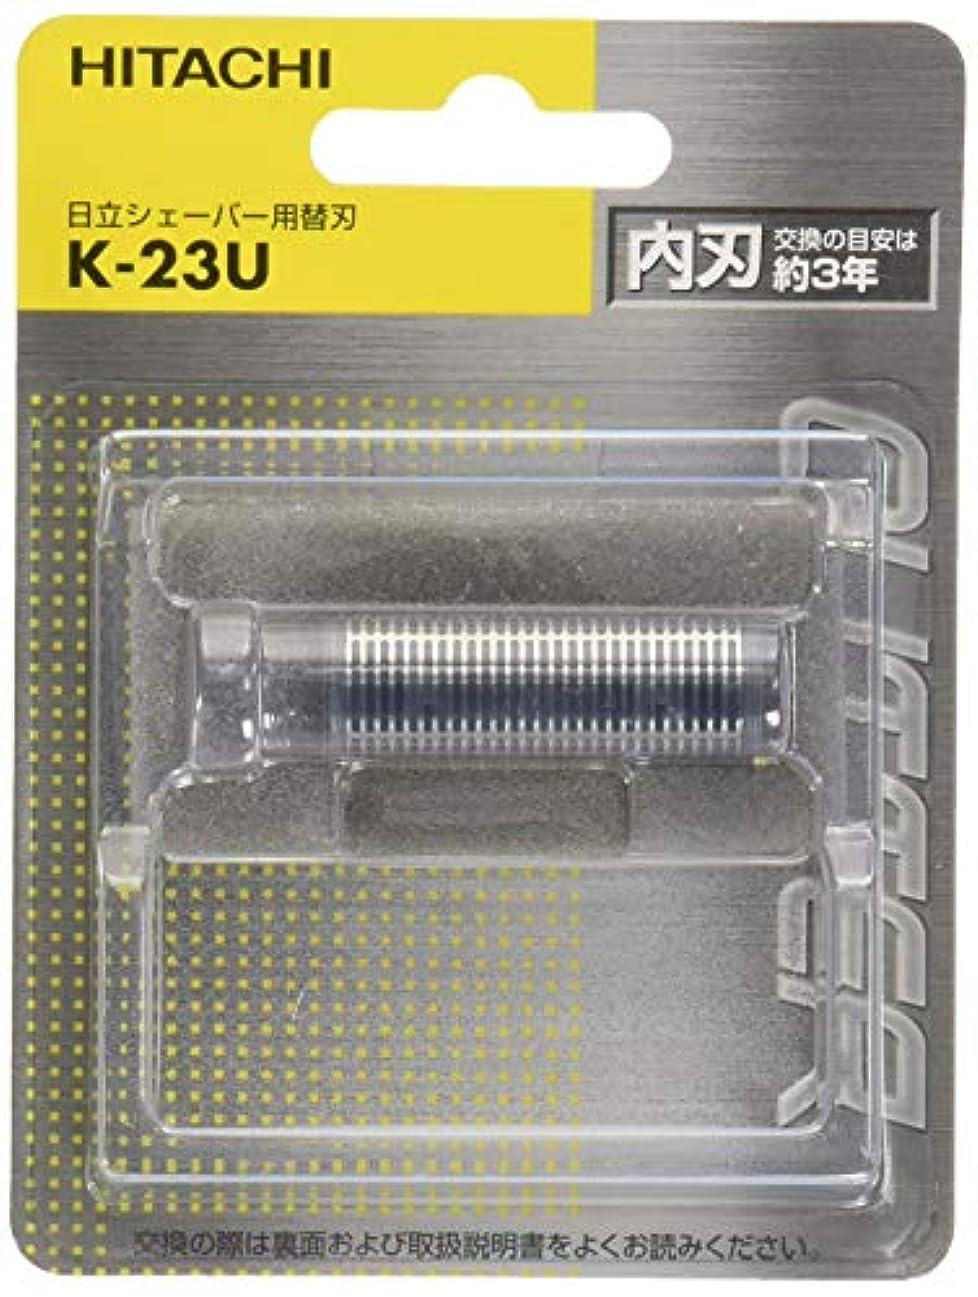 ボット教室バイオリニスト日立 メンズシェーバー用替刃(内刃) K-23U